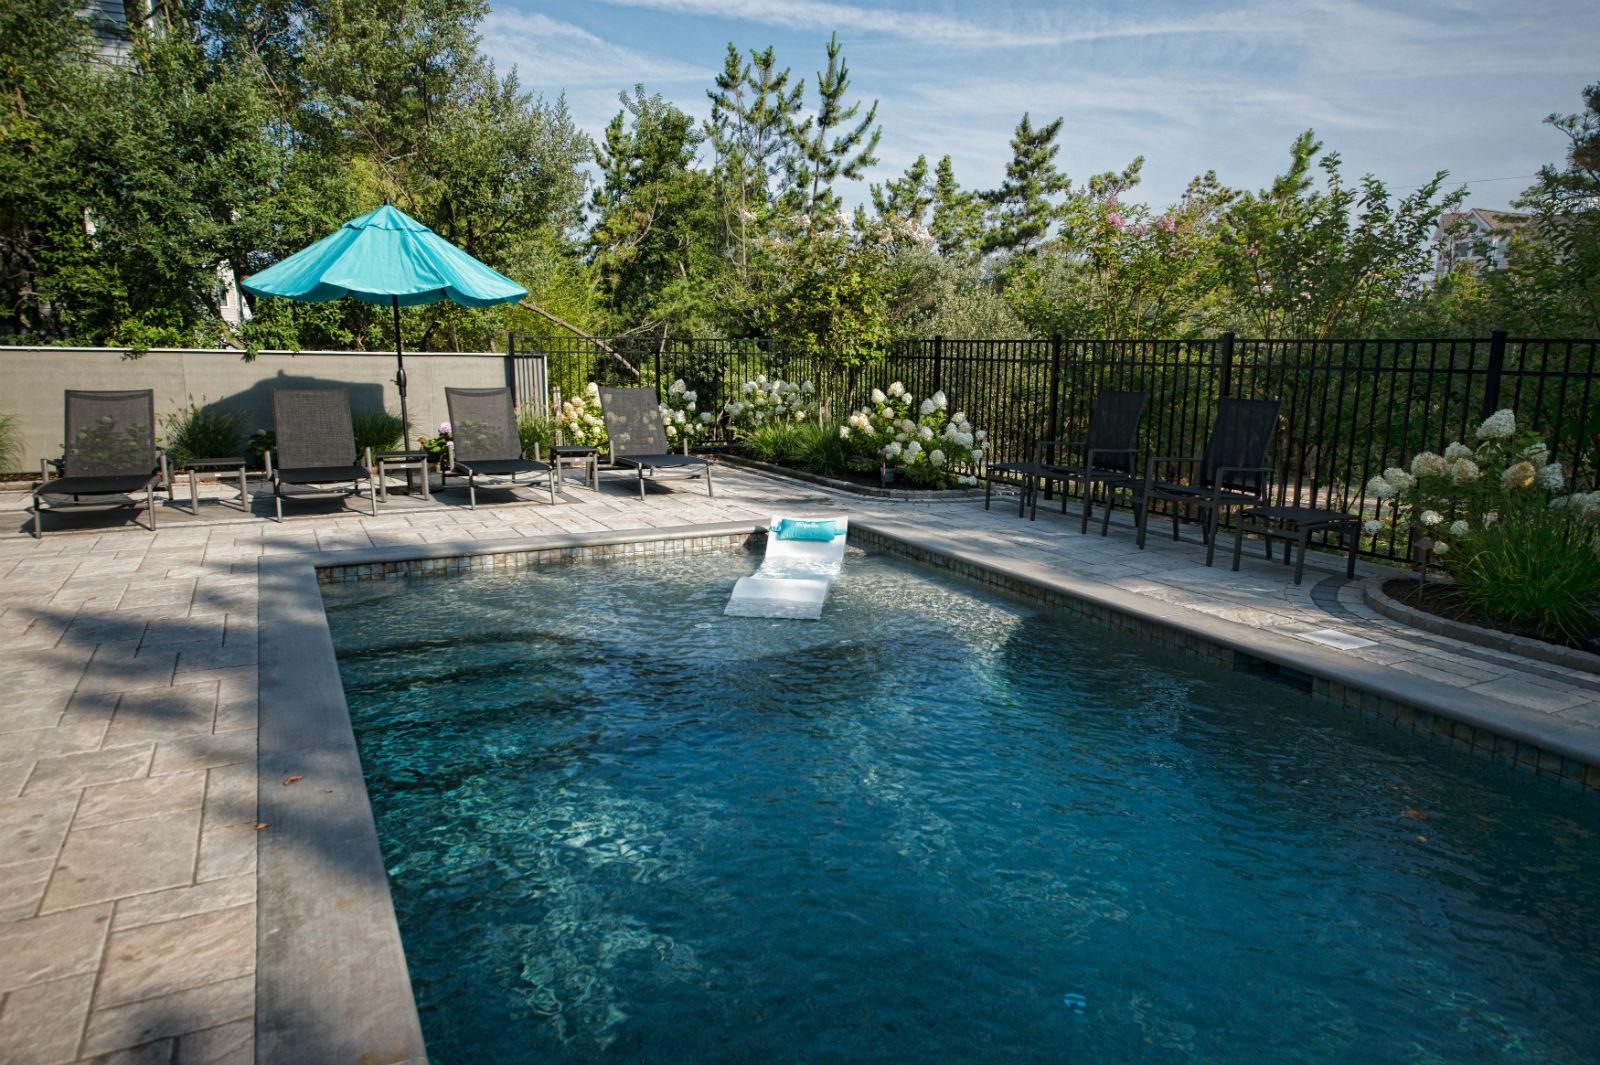 9 tips to designing an inground pool in manahawkin nj